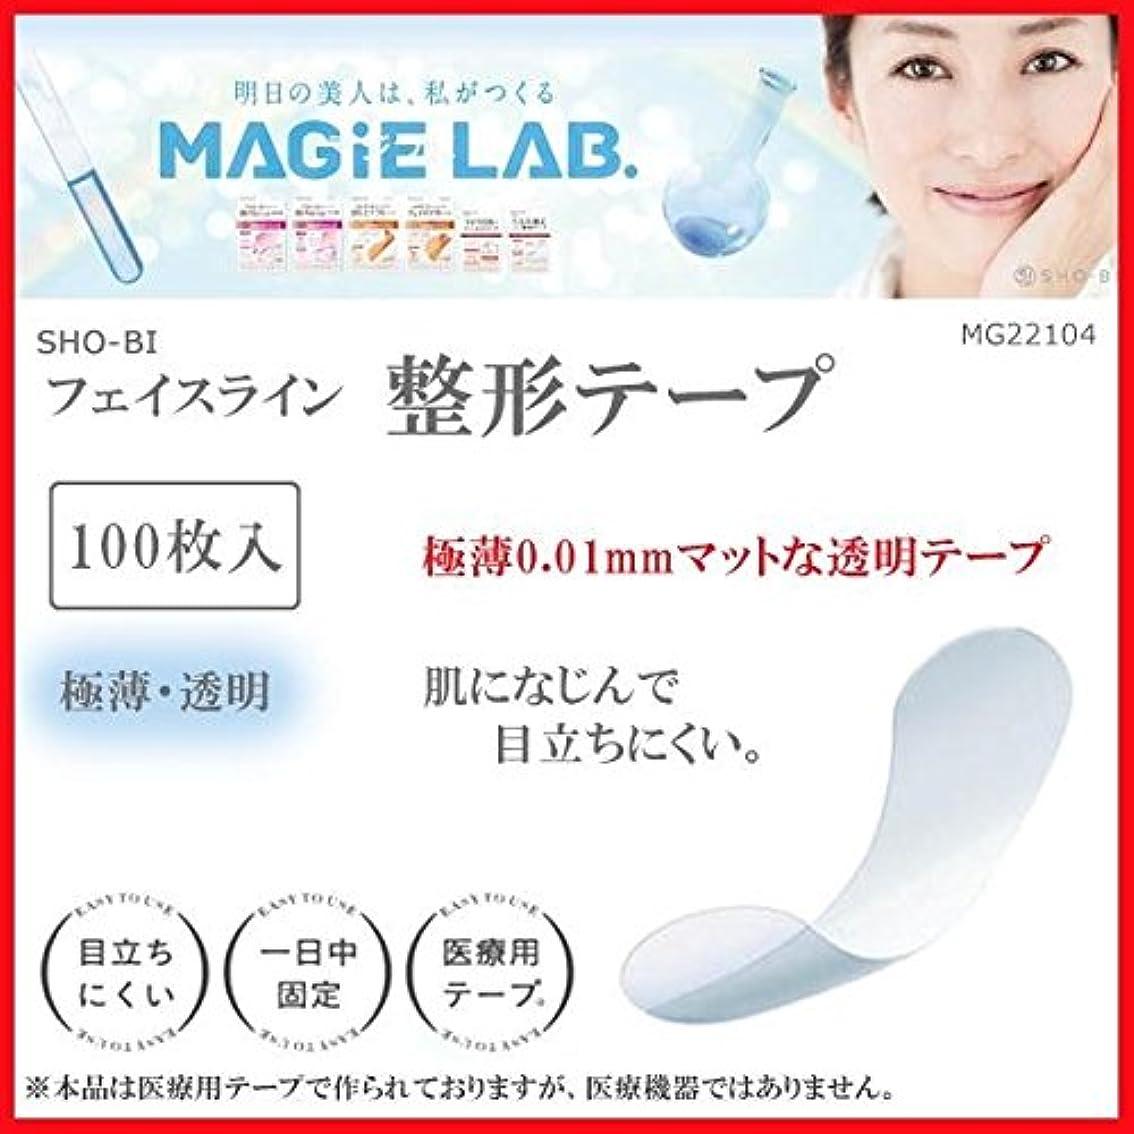 夏マージンラフレシアアルノルディSHO-BI MAGiE LAB.(マジラボ) フェイスライン整形テープ 100枚入 MG22104